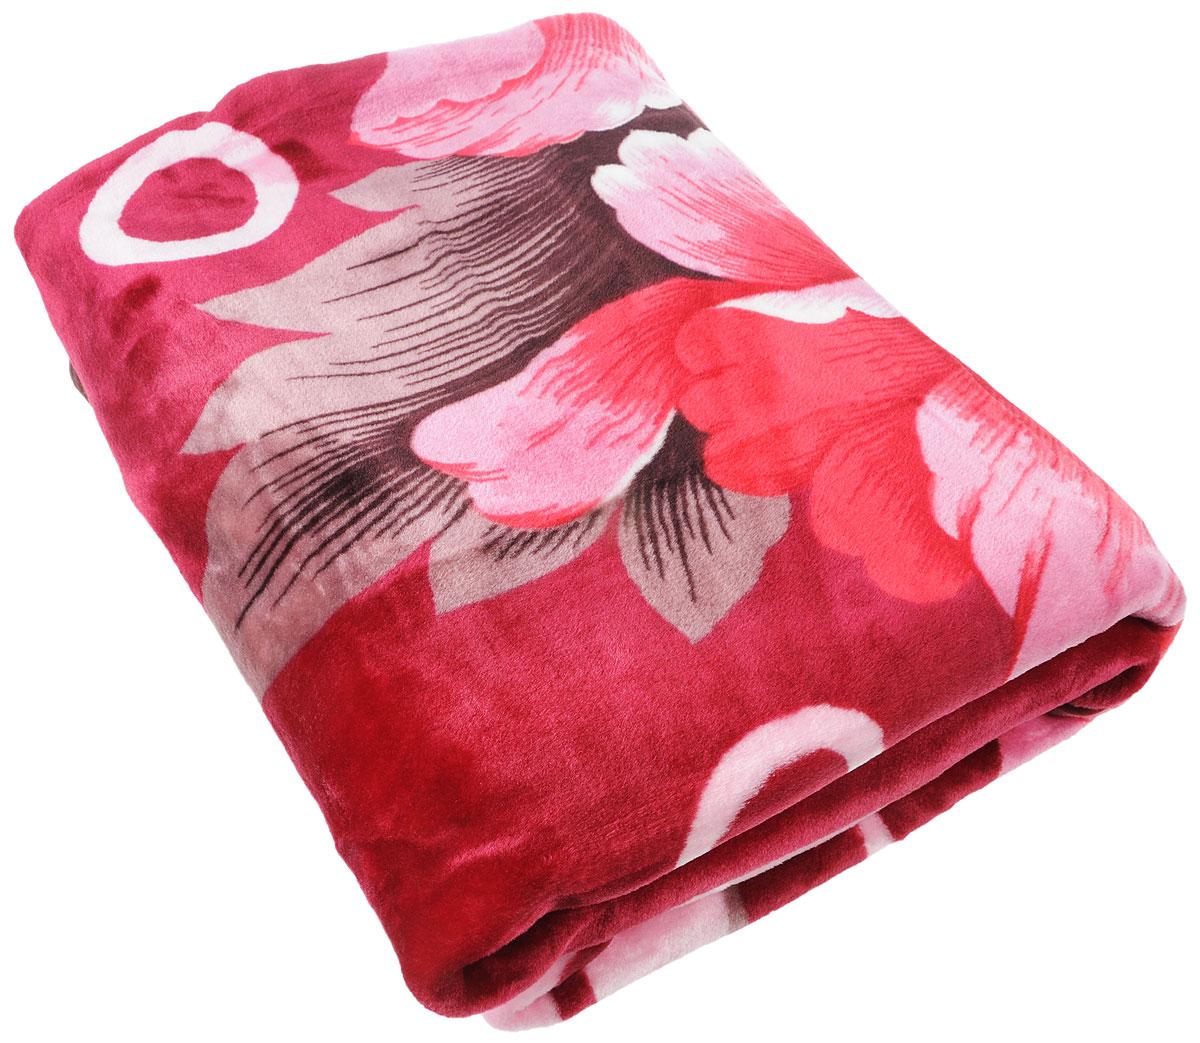 """Плед """"Tamerlan"""" - это идеальное решение для вашего интерьера! Он порадует вас легкостью, нежностью и оригинальным дизайном! Плед выполнен из 100% полиэстера. Полиэстер считается одной из самых популярных тканей. Это материал синтетического происхождения из полиэфирных волокон. Внешне такая ткань схожа с шерстью, а по свойствам близка к хлопку. Изделия из полиэстера не мнутся и легко стираются. После стирки очень быстро высыхают.    Плед - это такой подарок, который будет всегда актуален, особенно для ваших родных и близких, ведь вы дарите им частичку своего тепла!Плотность: 600 г/м2"""